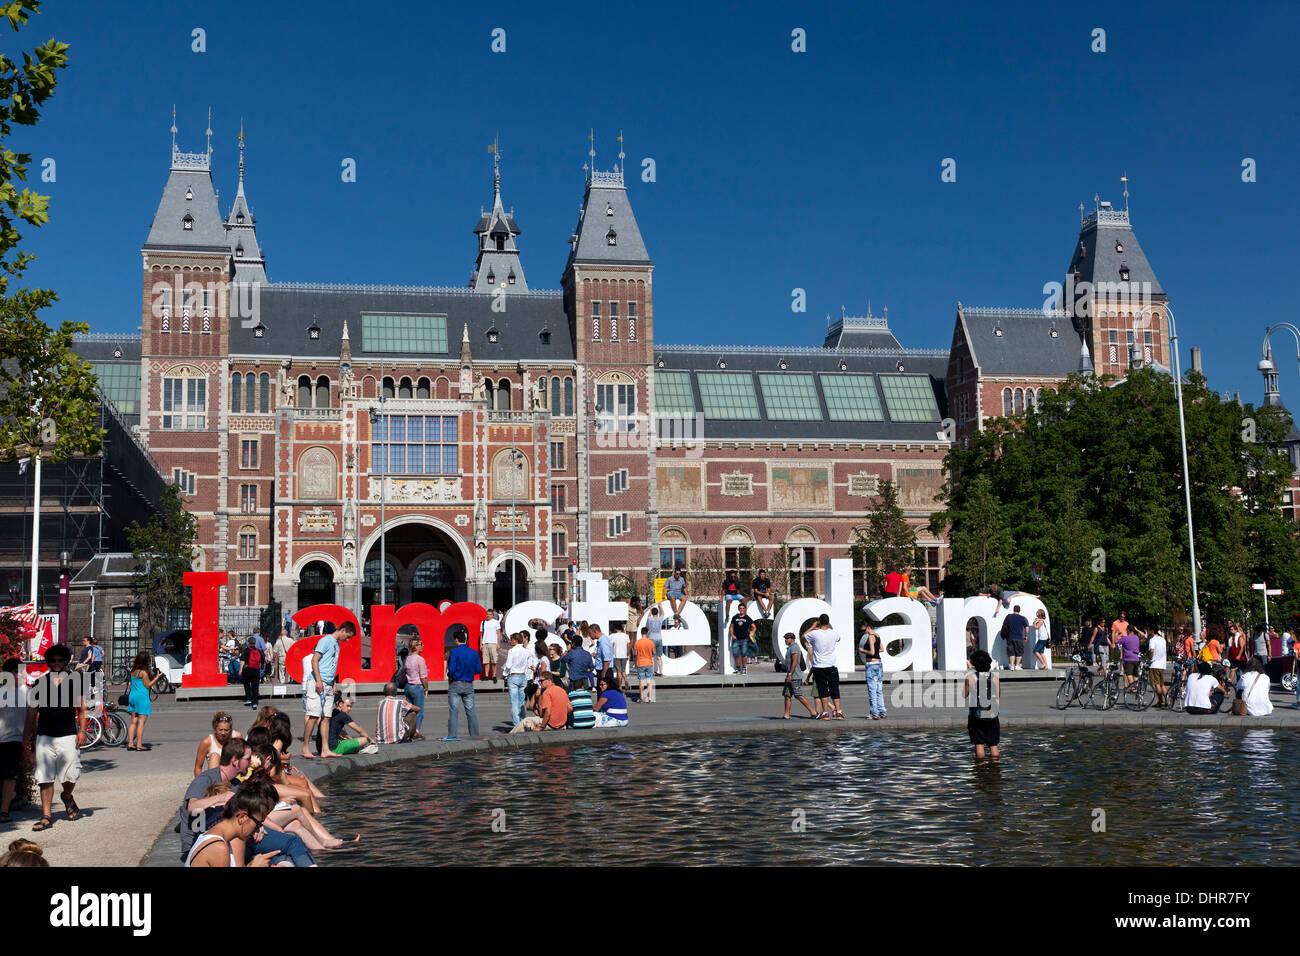 Rijksmuseum à Amsterdam à Amsterdam, Pays-Bas Banque D'Images